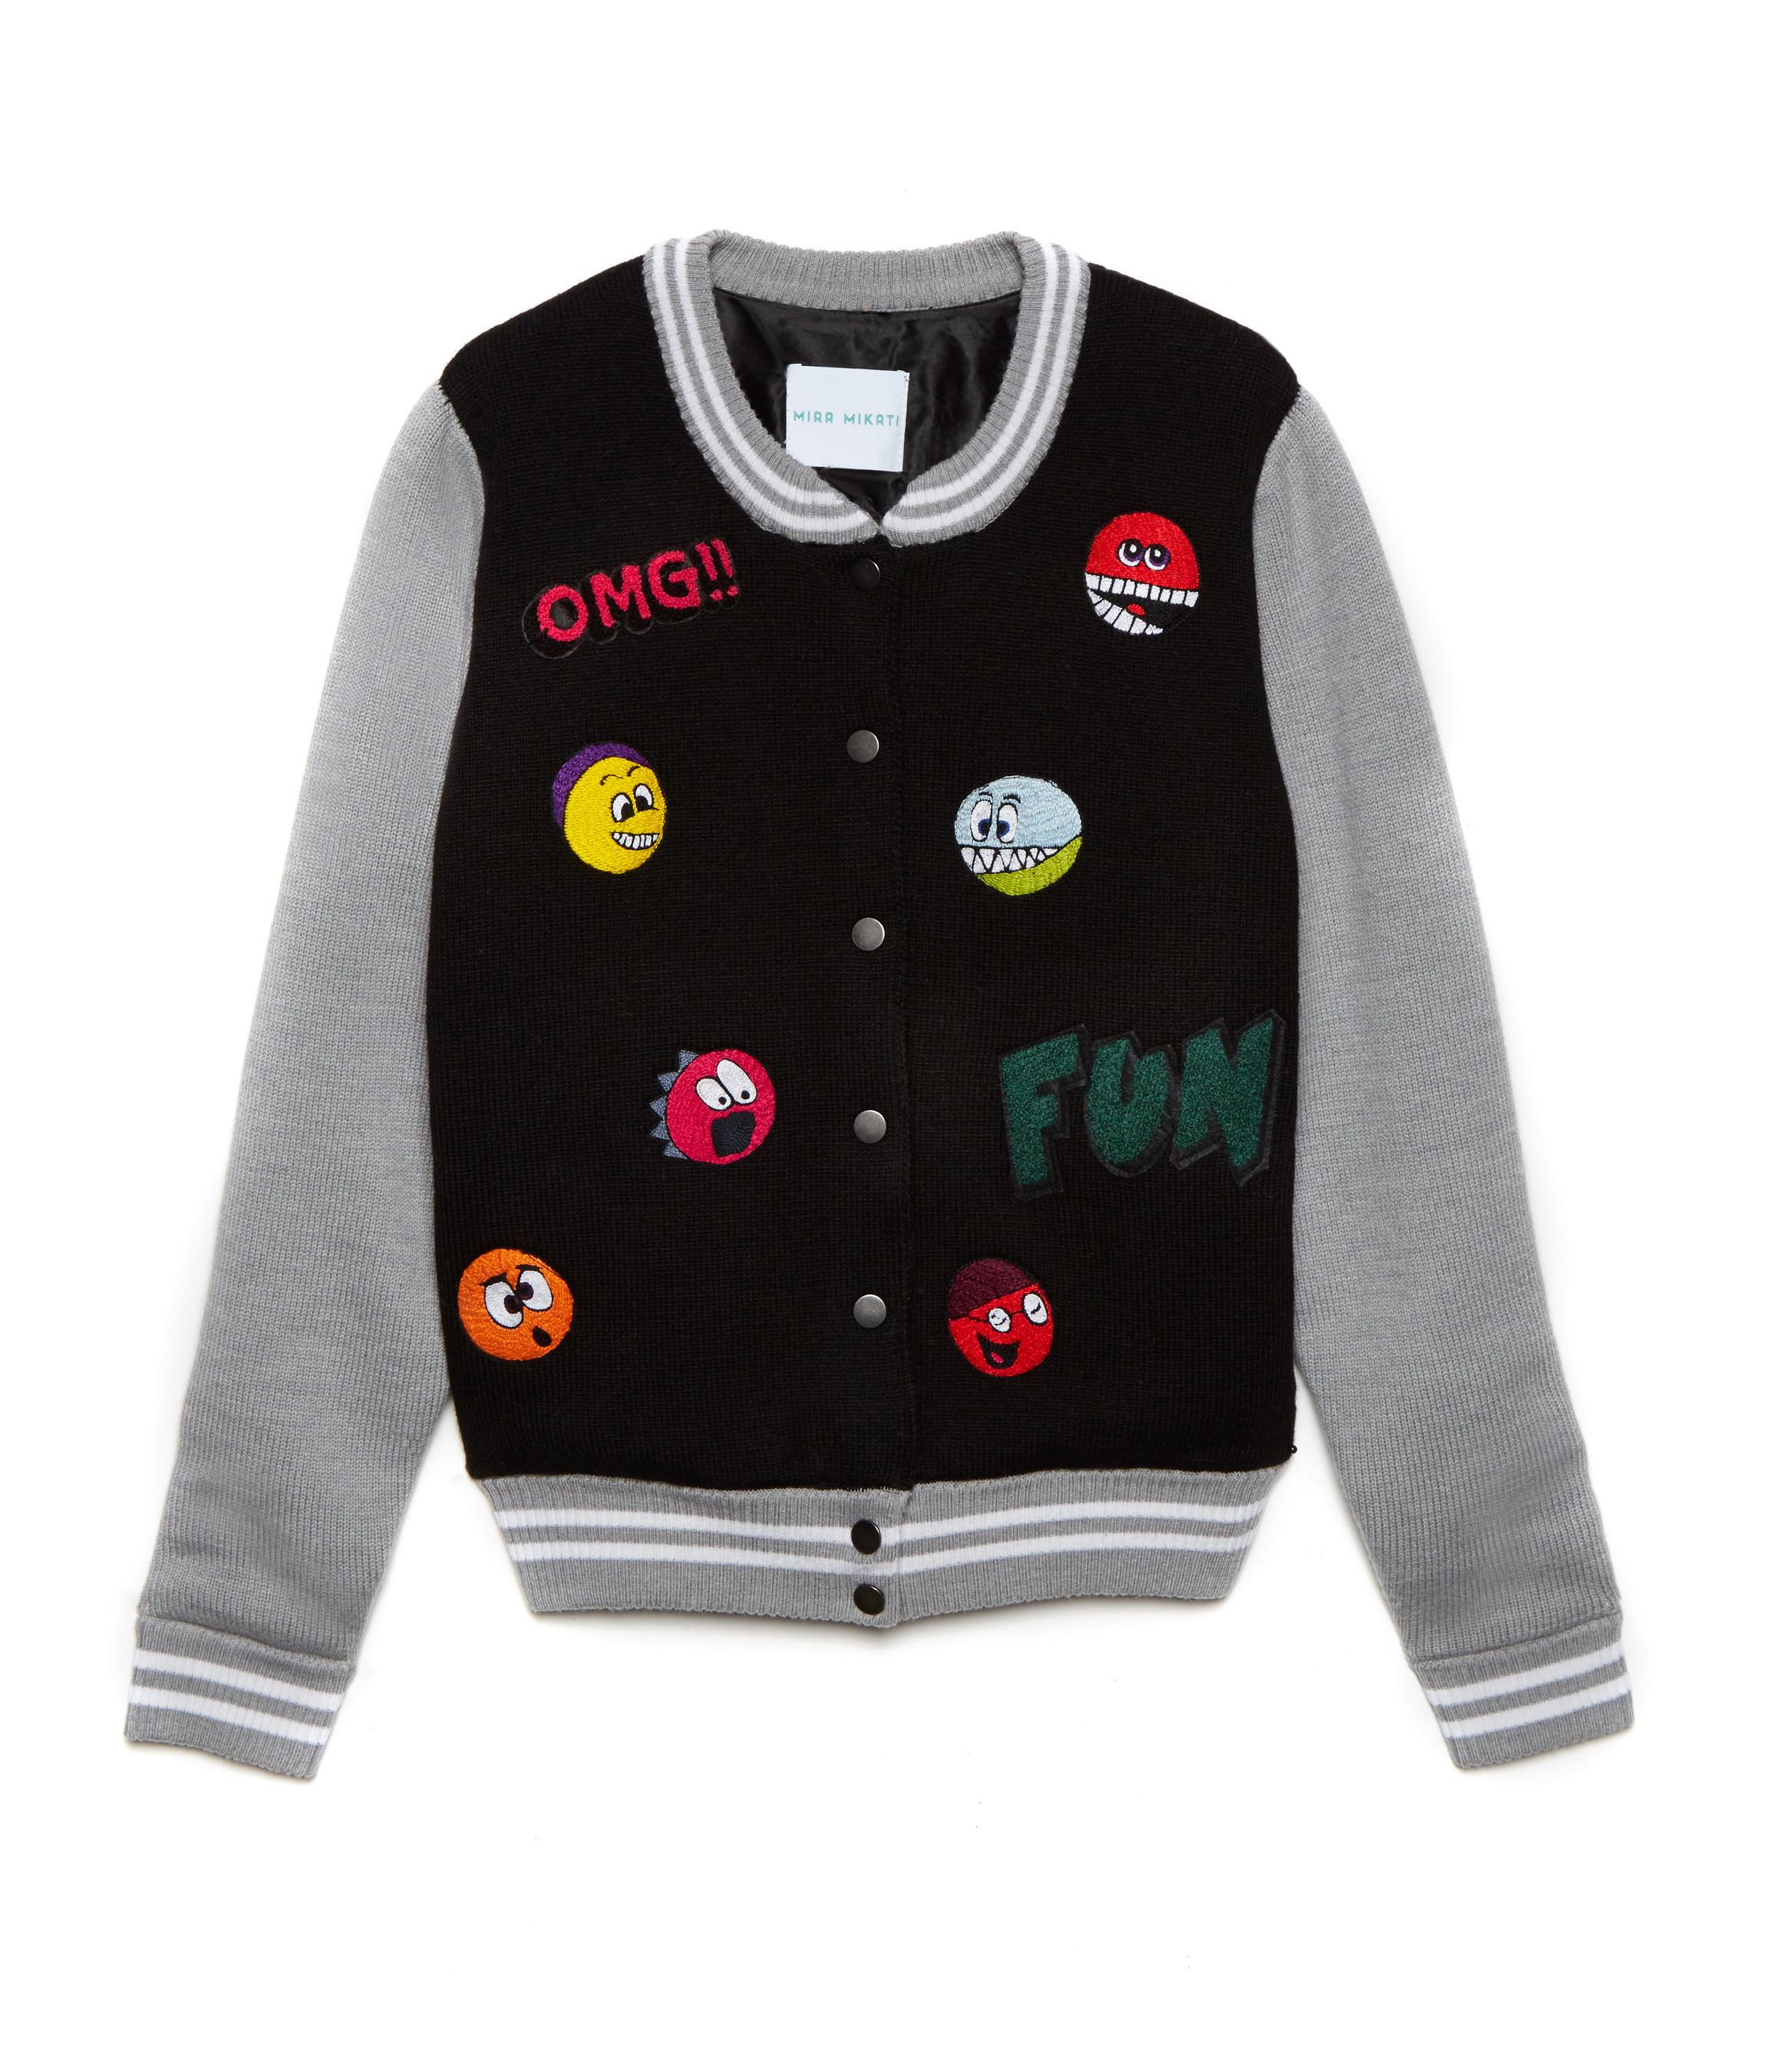 Shopbop.com kündigt Capsule Collection von Mira Mikati für die Feiertage an